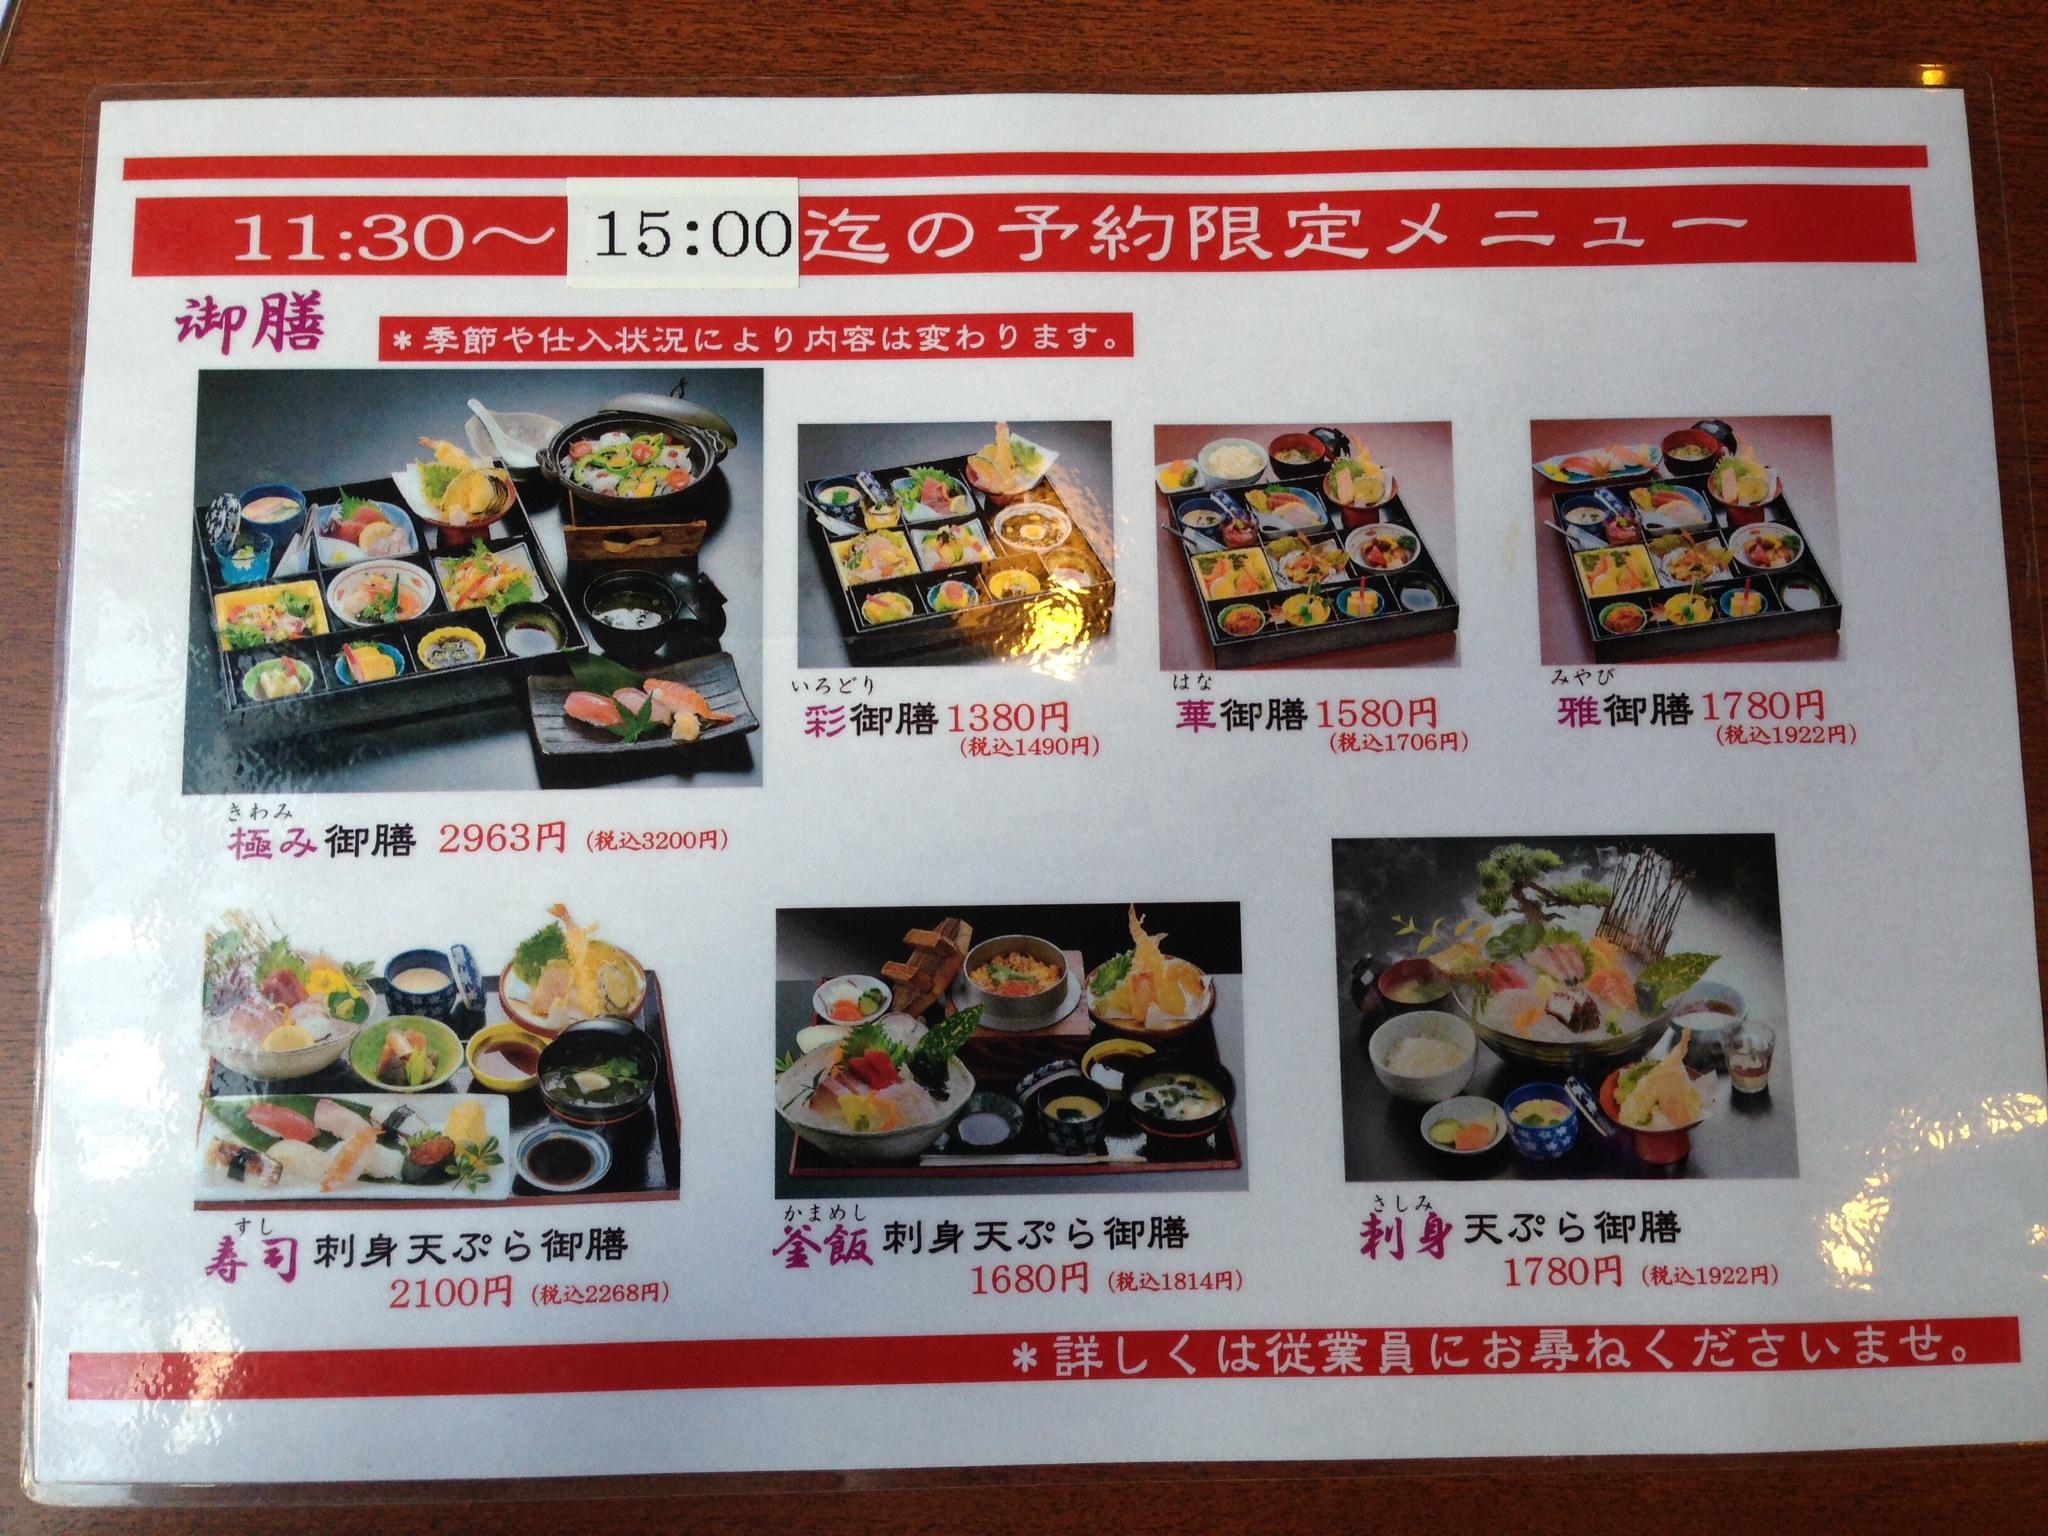 宮崎市『十徳や』赤江店のメニュー